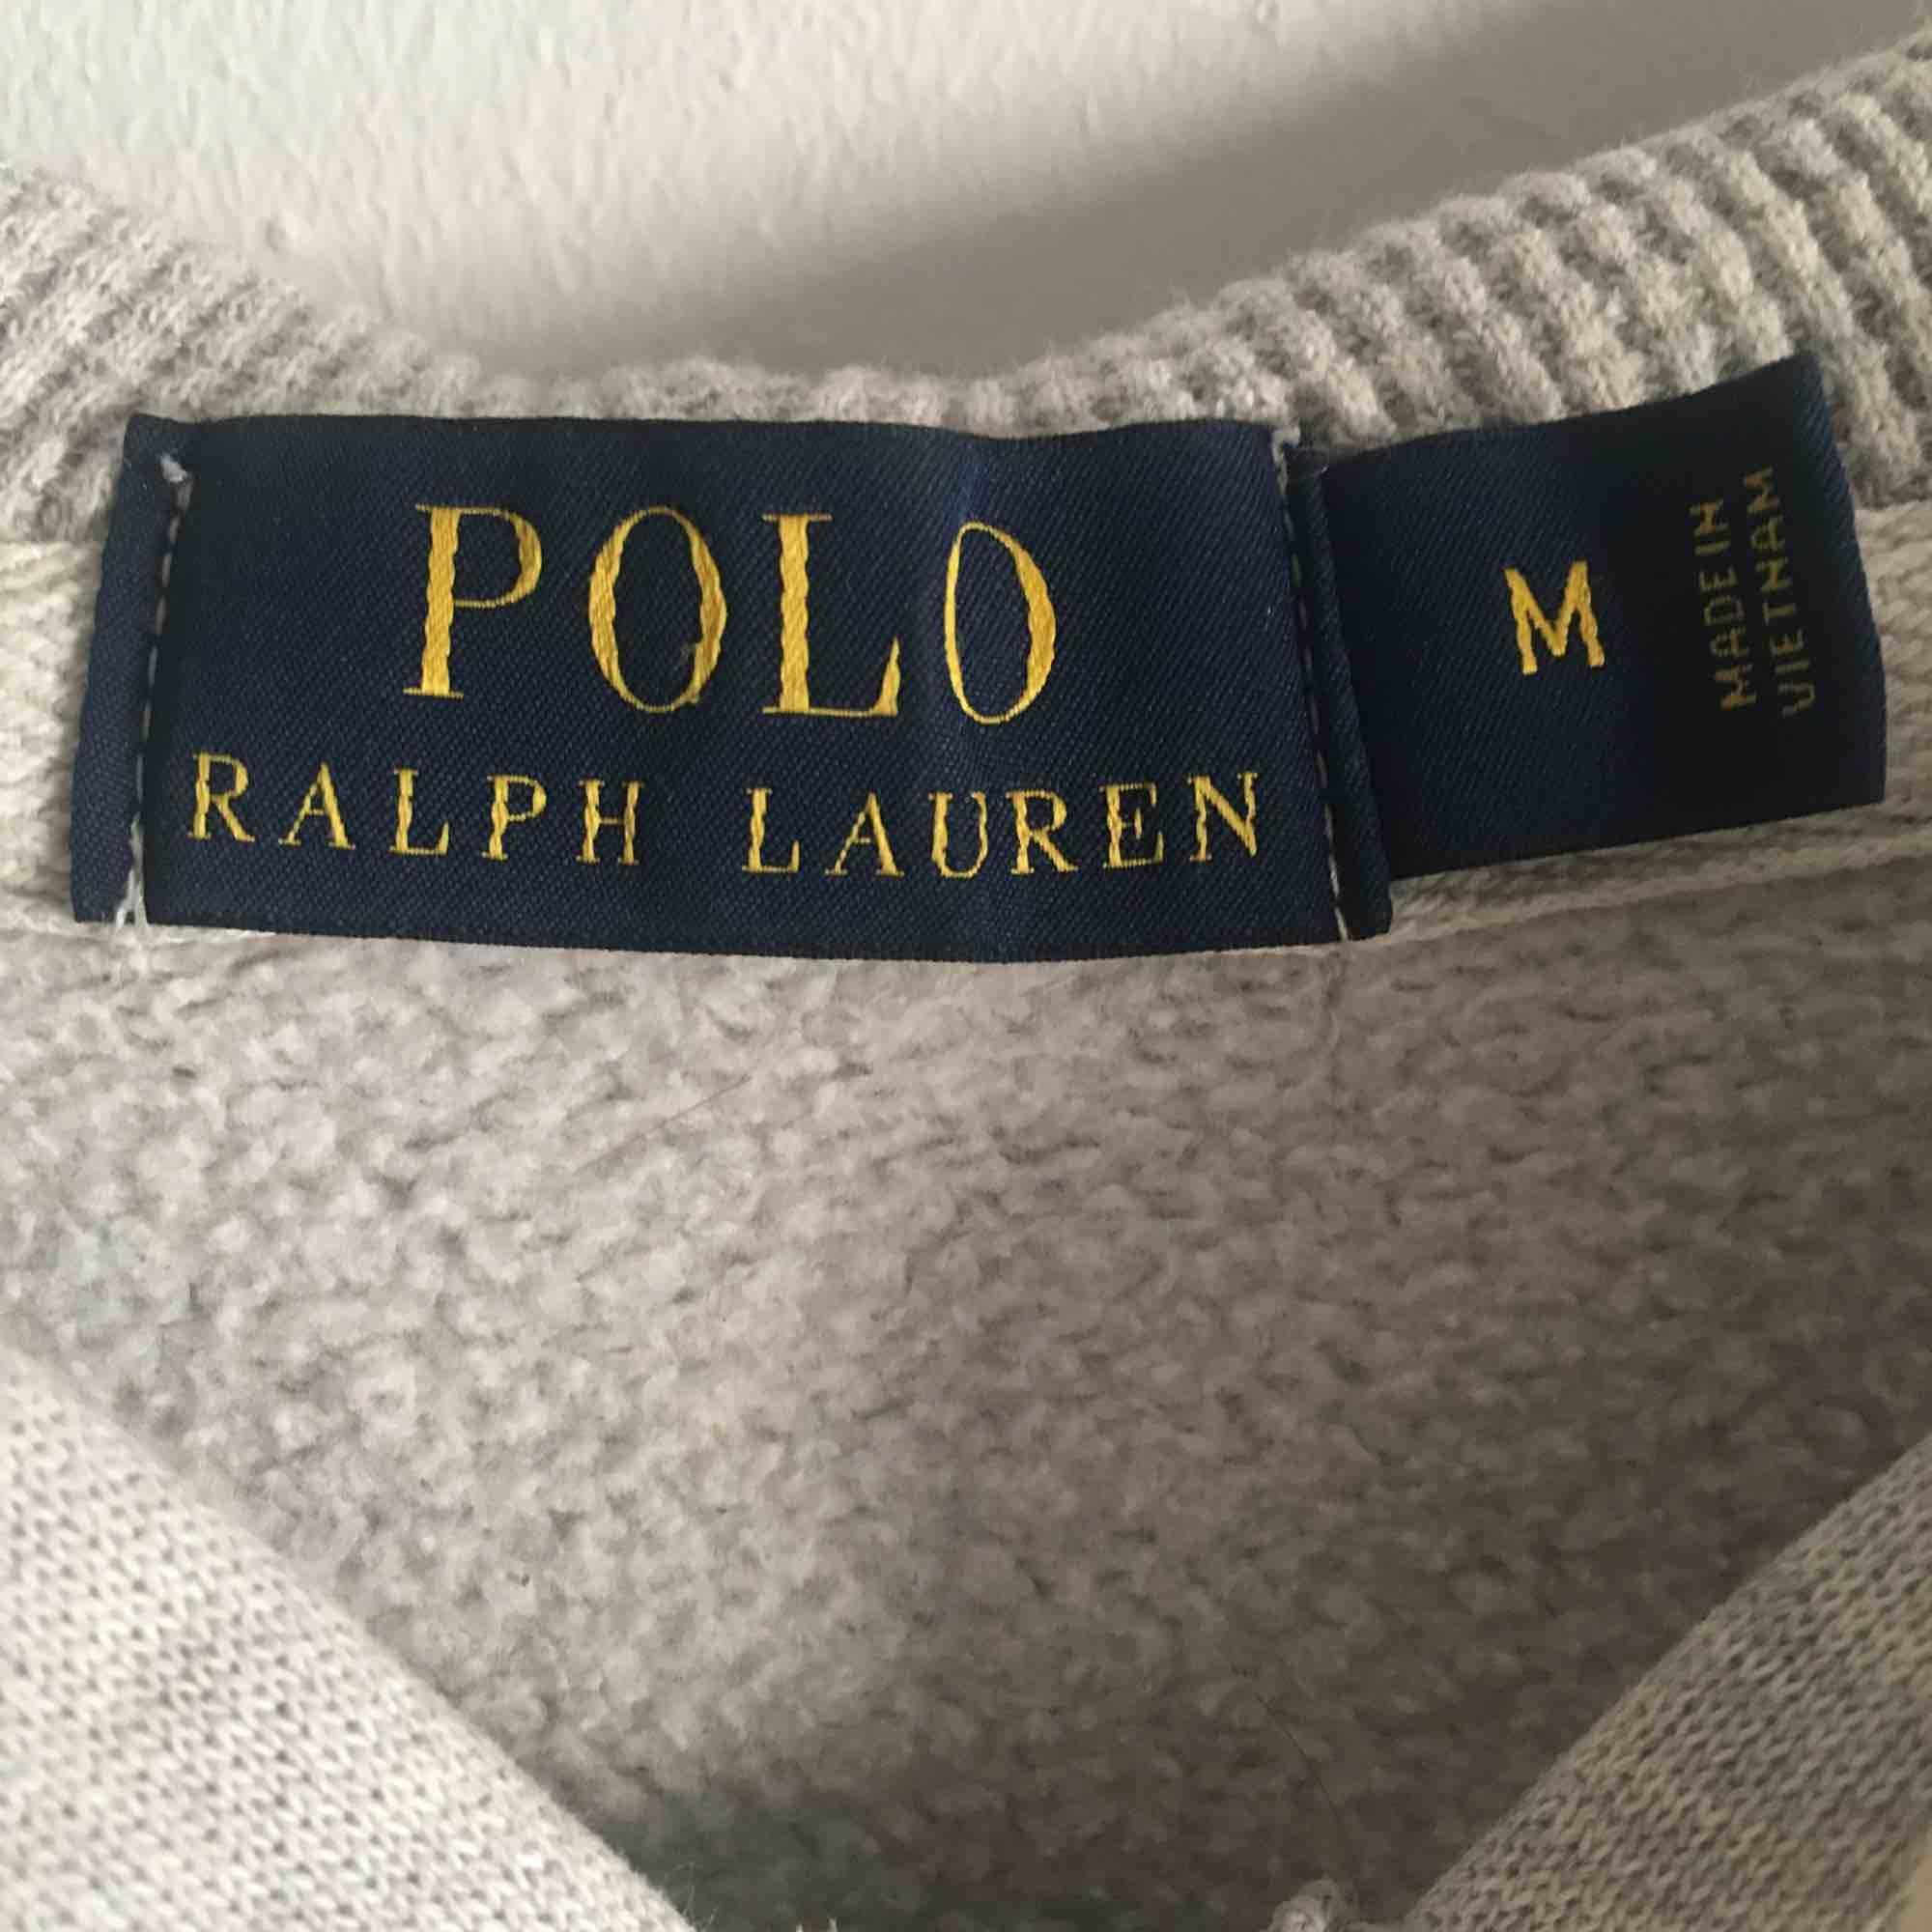 Klassik Ralph Lauren tröja som är i normal begagnat skick, säljer pågrund av att jag ej använder den längre! Tröjan är M men passar mer som S. Tröjor & Koftor.